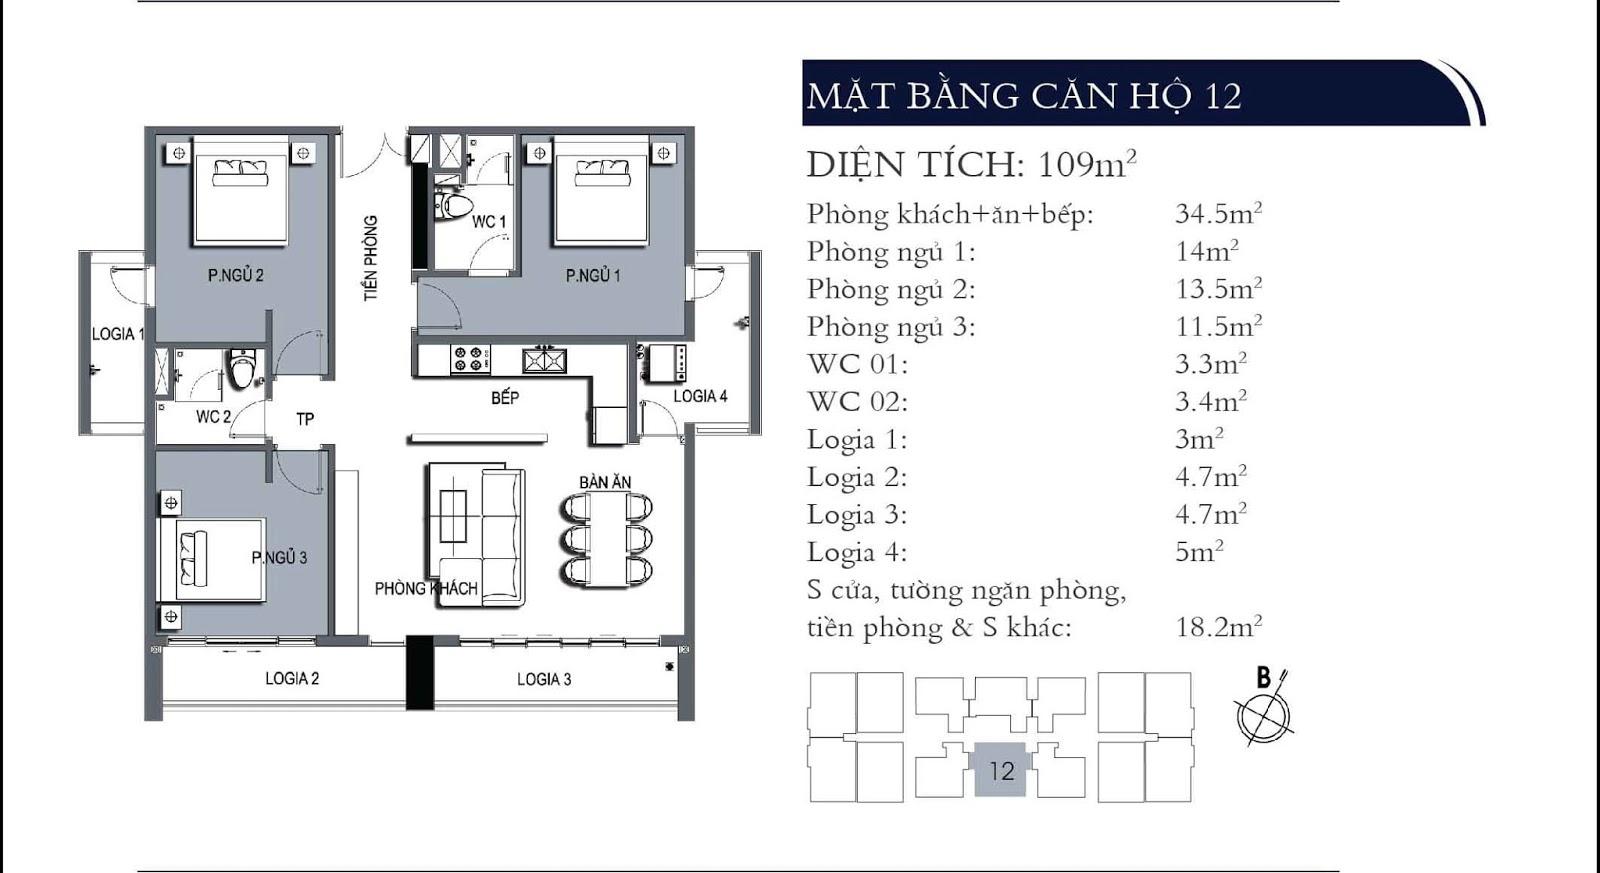 Mặt bằng căn hộ 12 dự án One 18 Ngọc Lâm